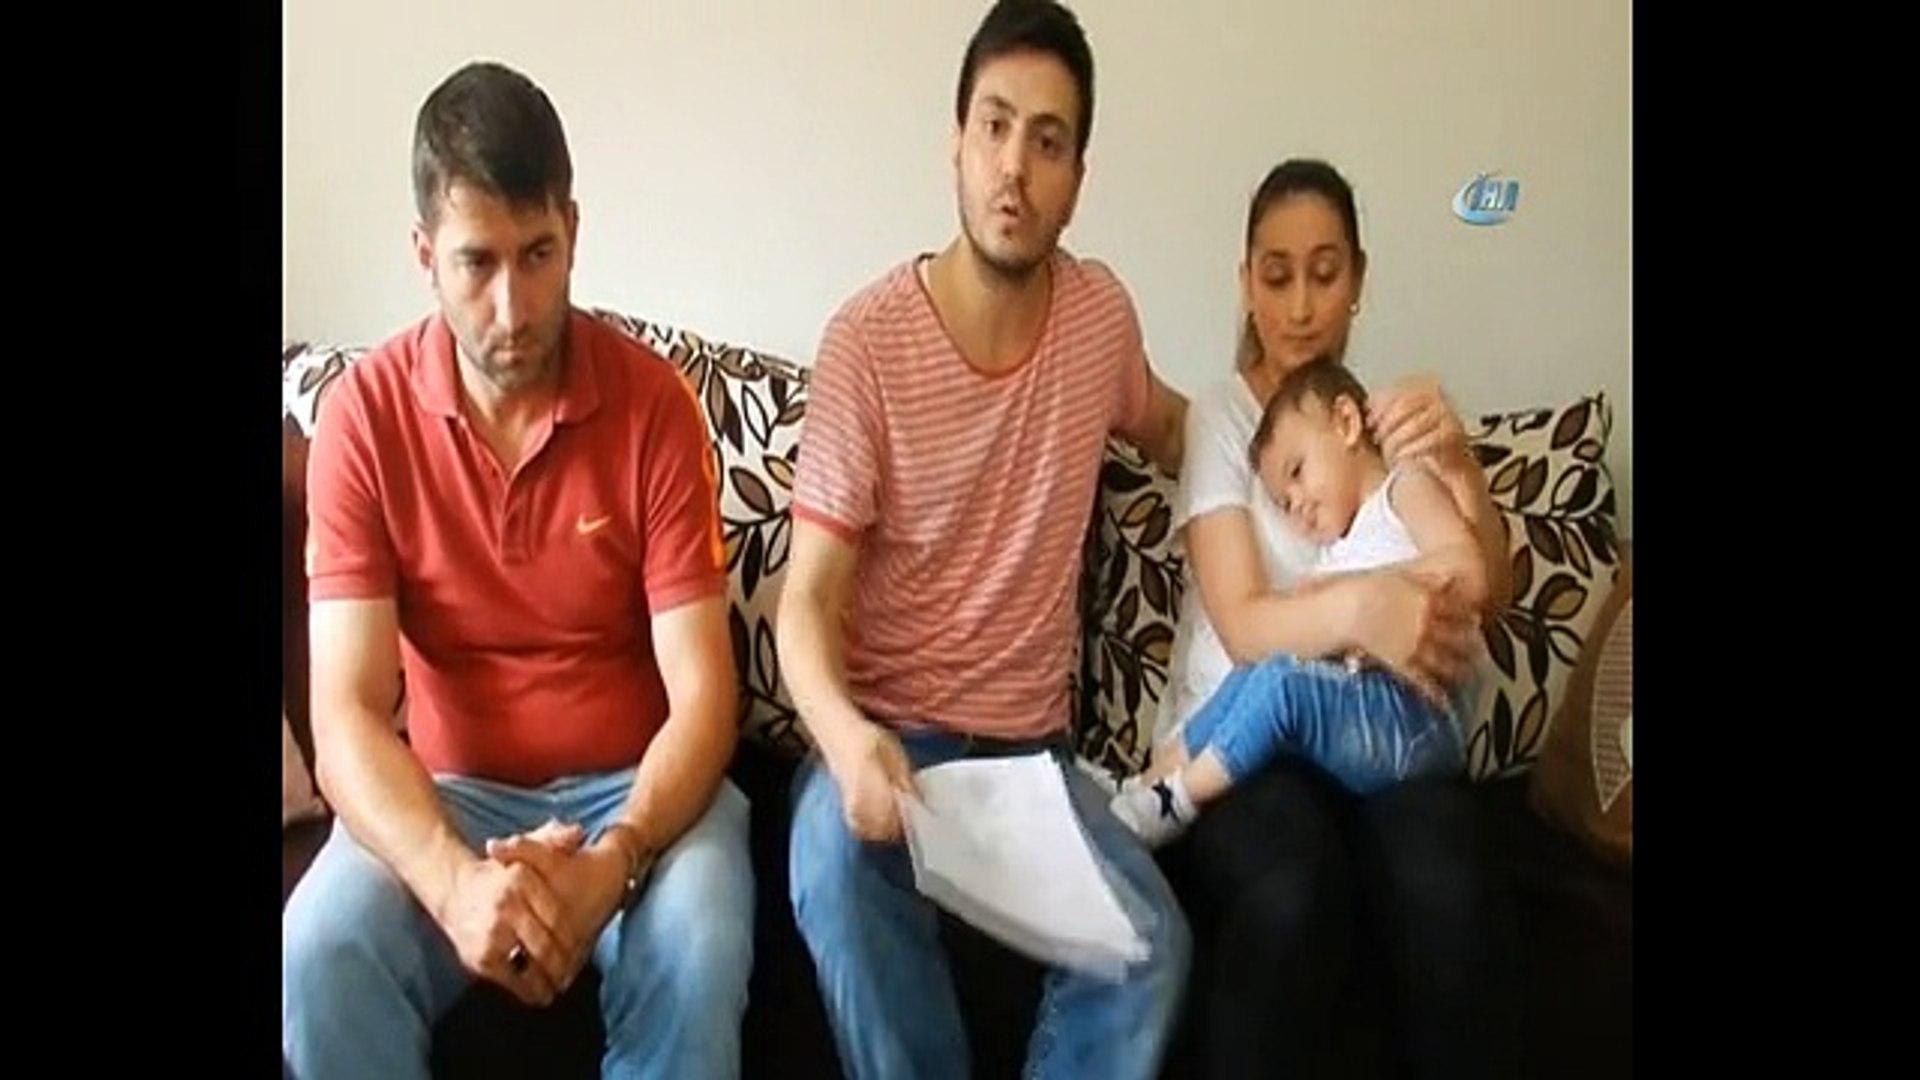 8 aile çocuklarının doğumu sırasında doktorun hatası olduğunu iddia etti